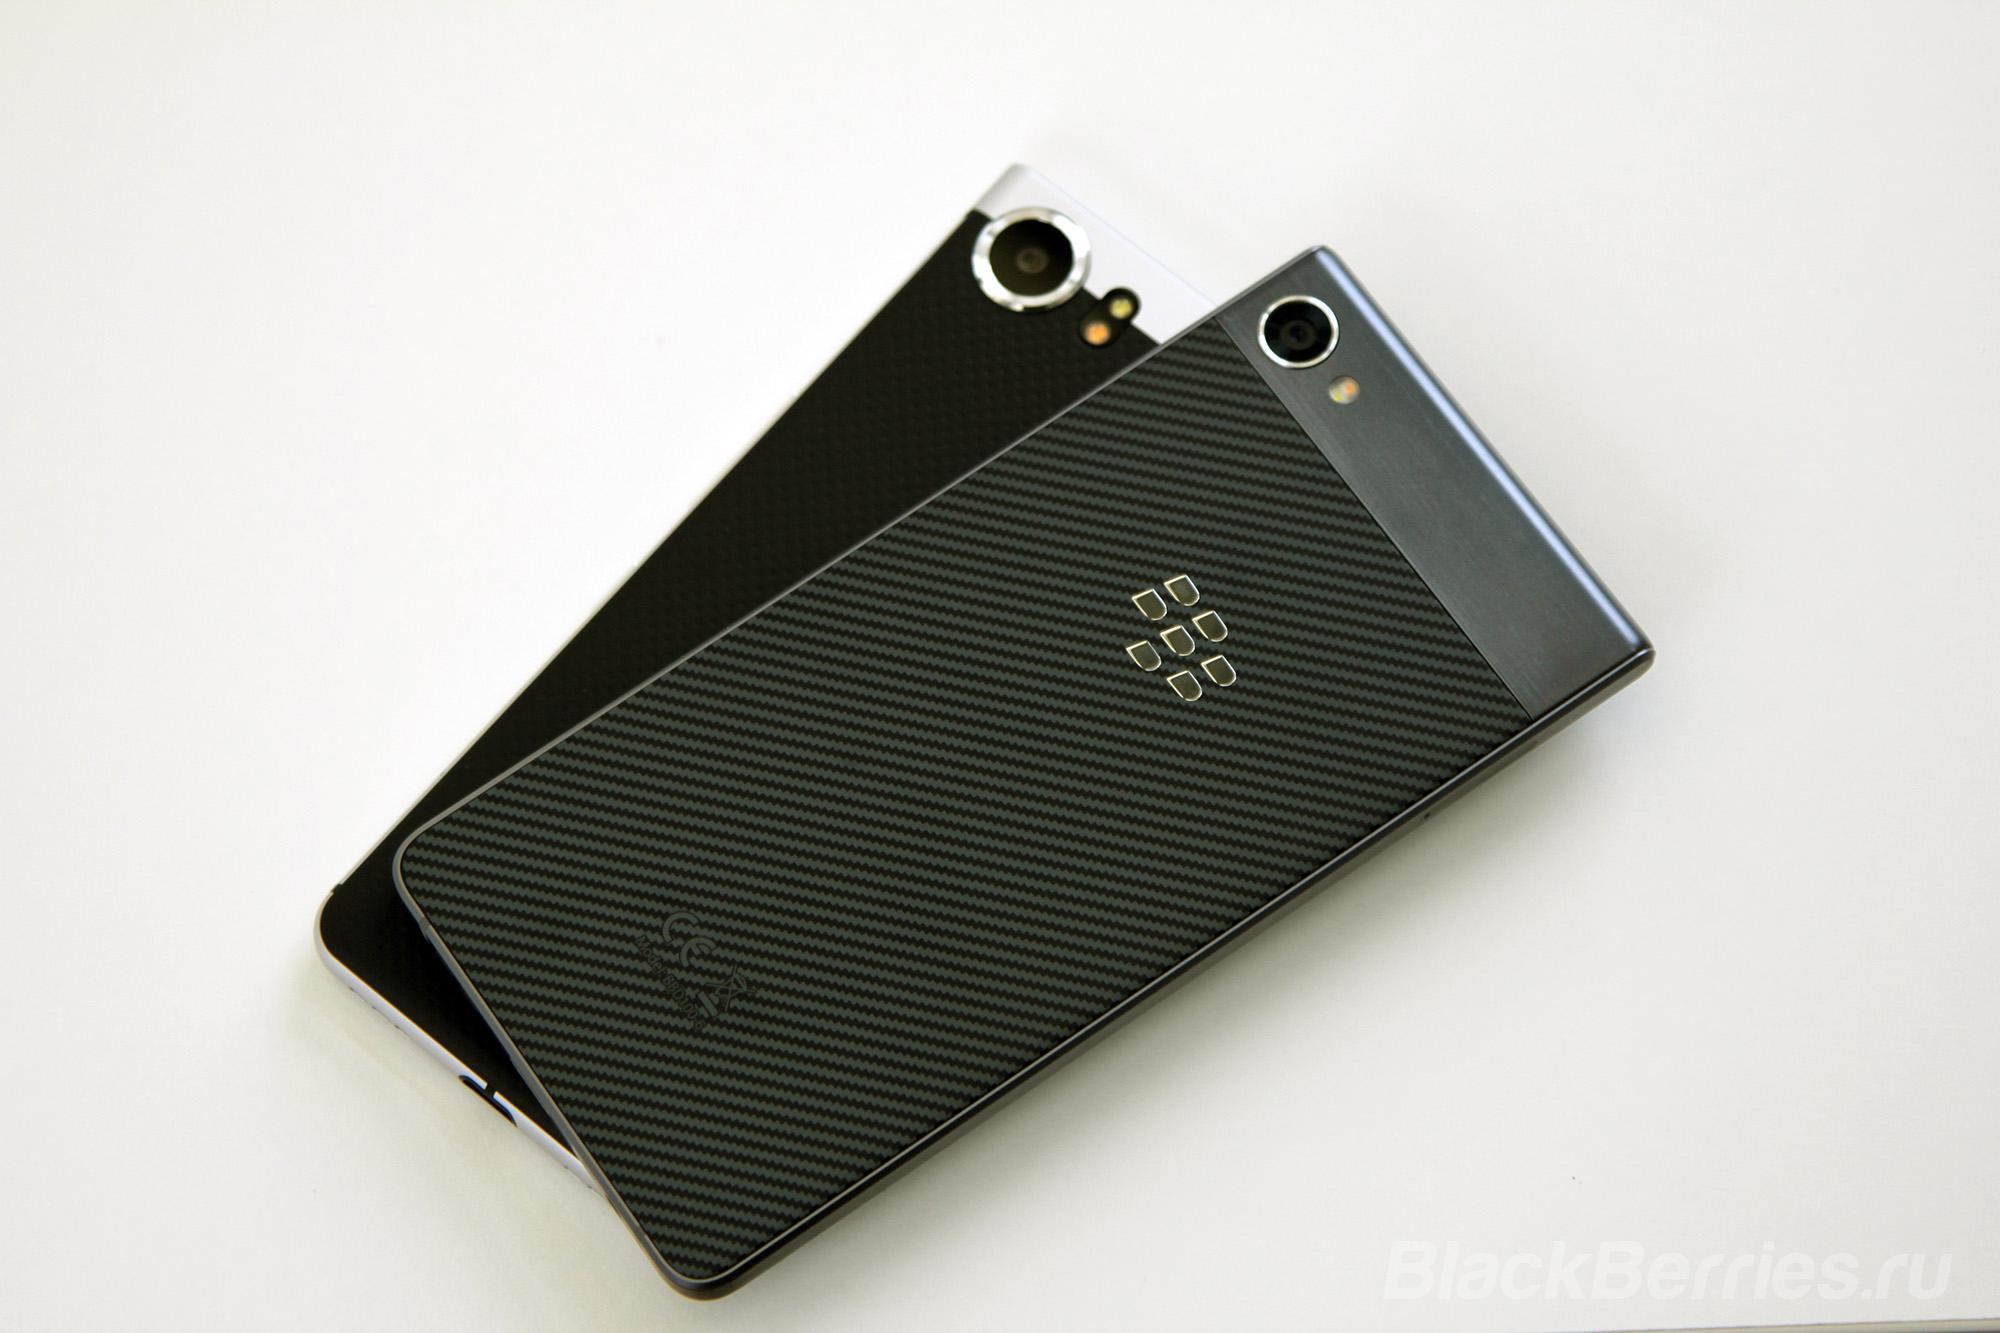 BlackBerry-Motion-Review-38.jpg